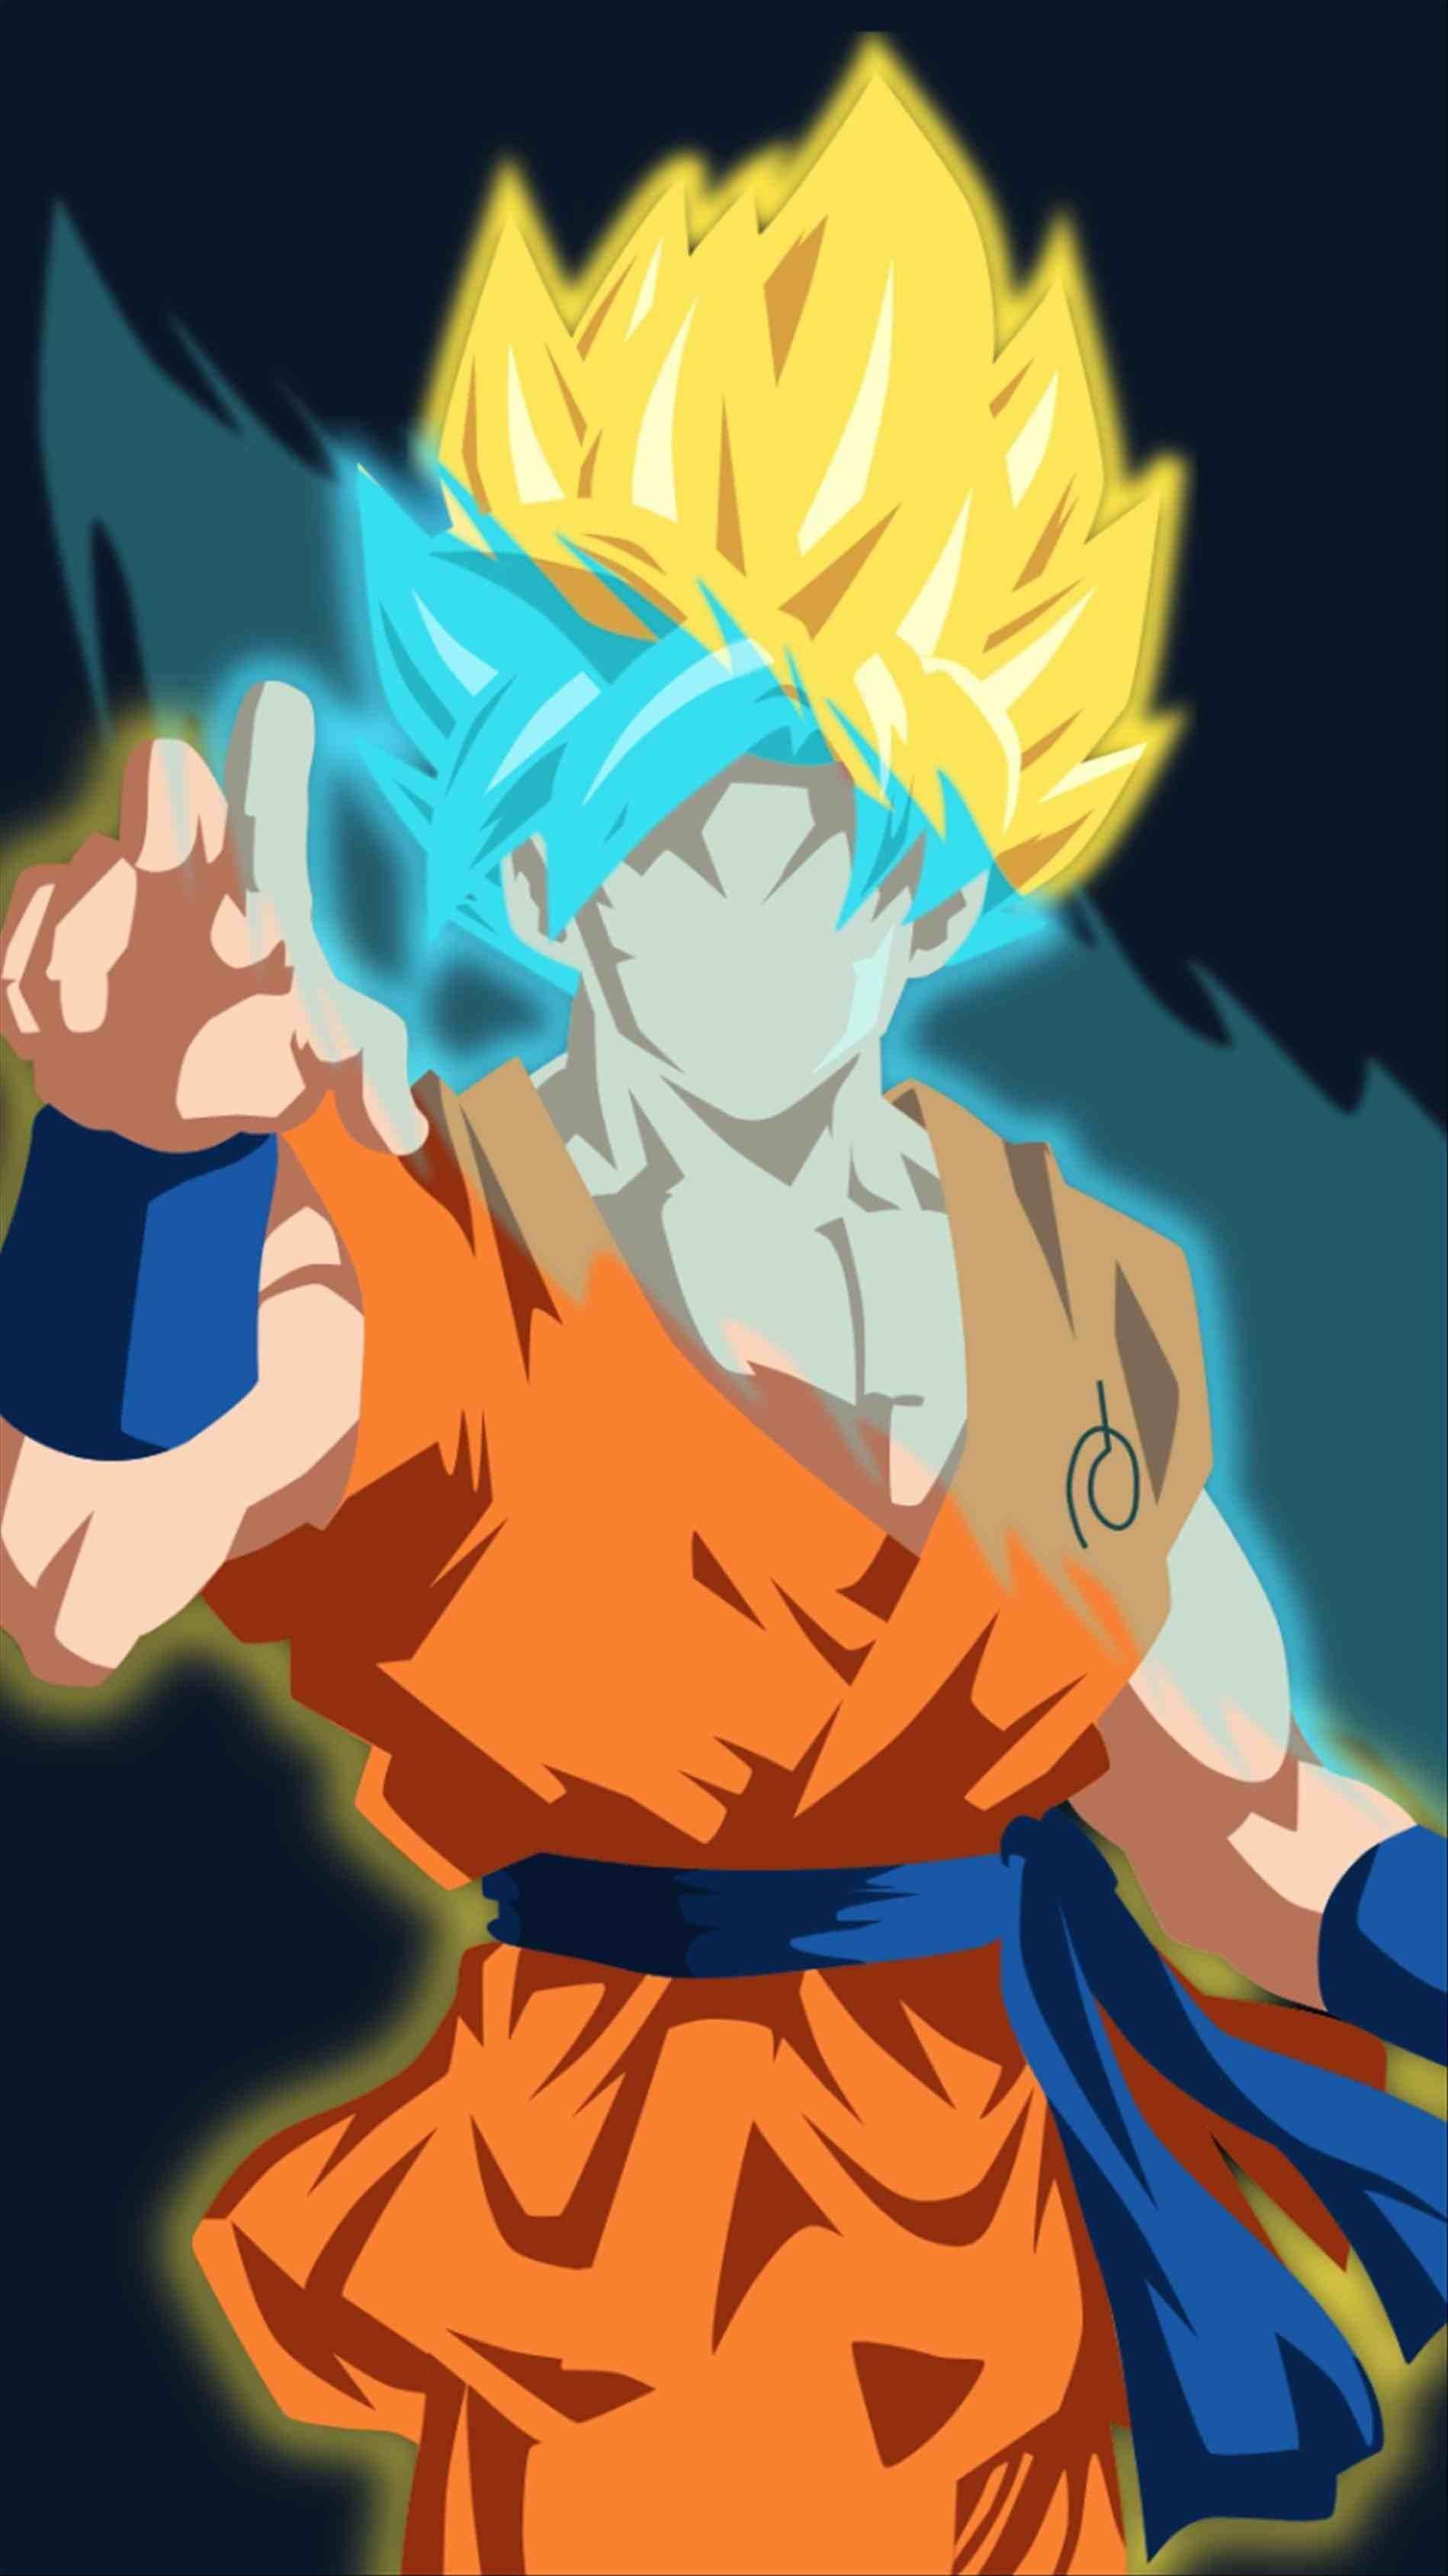 Super Saiyan God Goku Wallpapers Wallpaper Cave